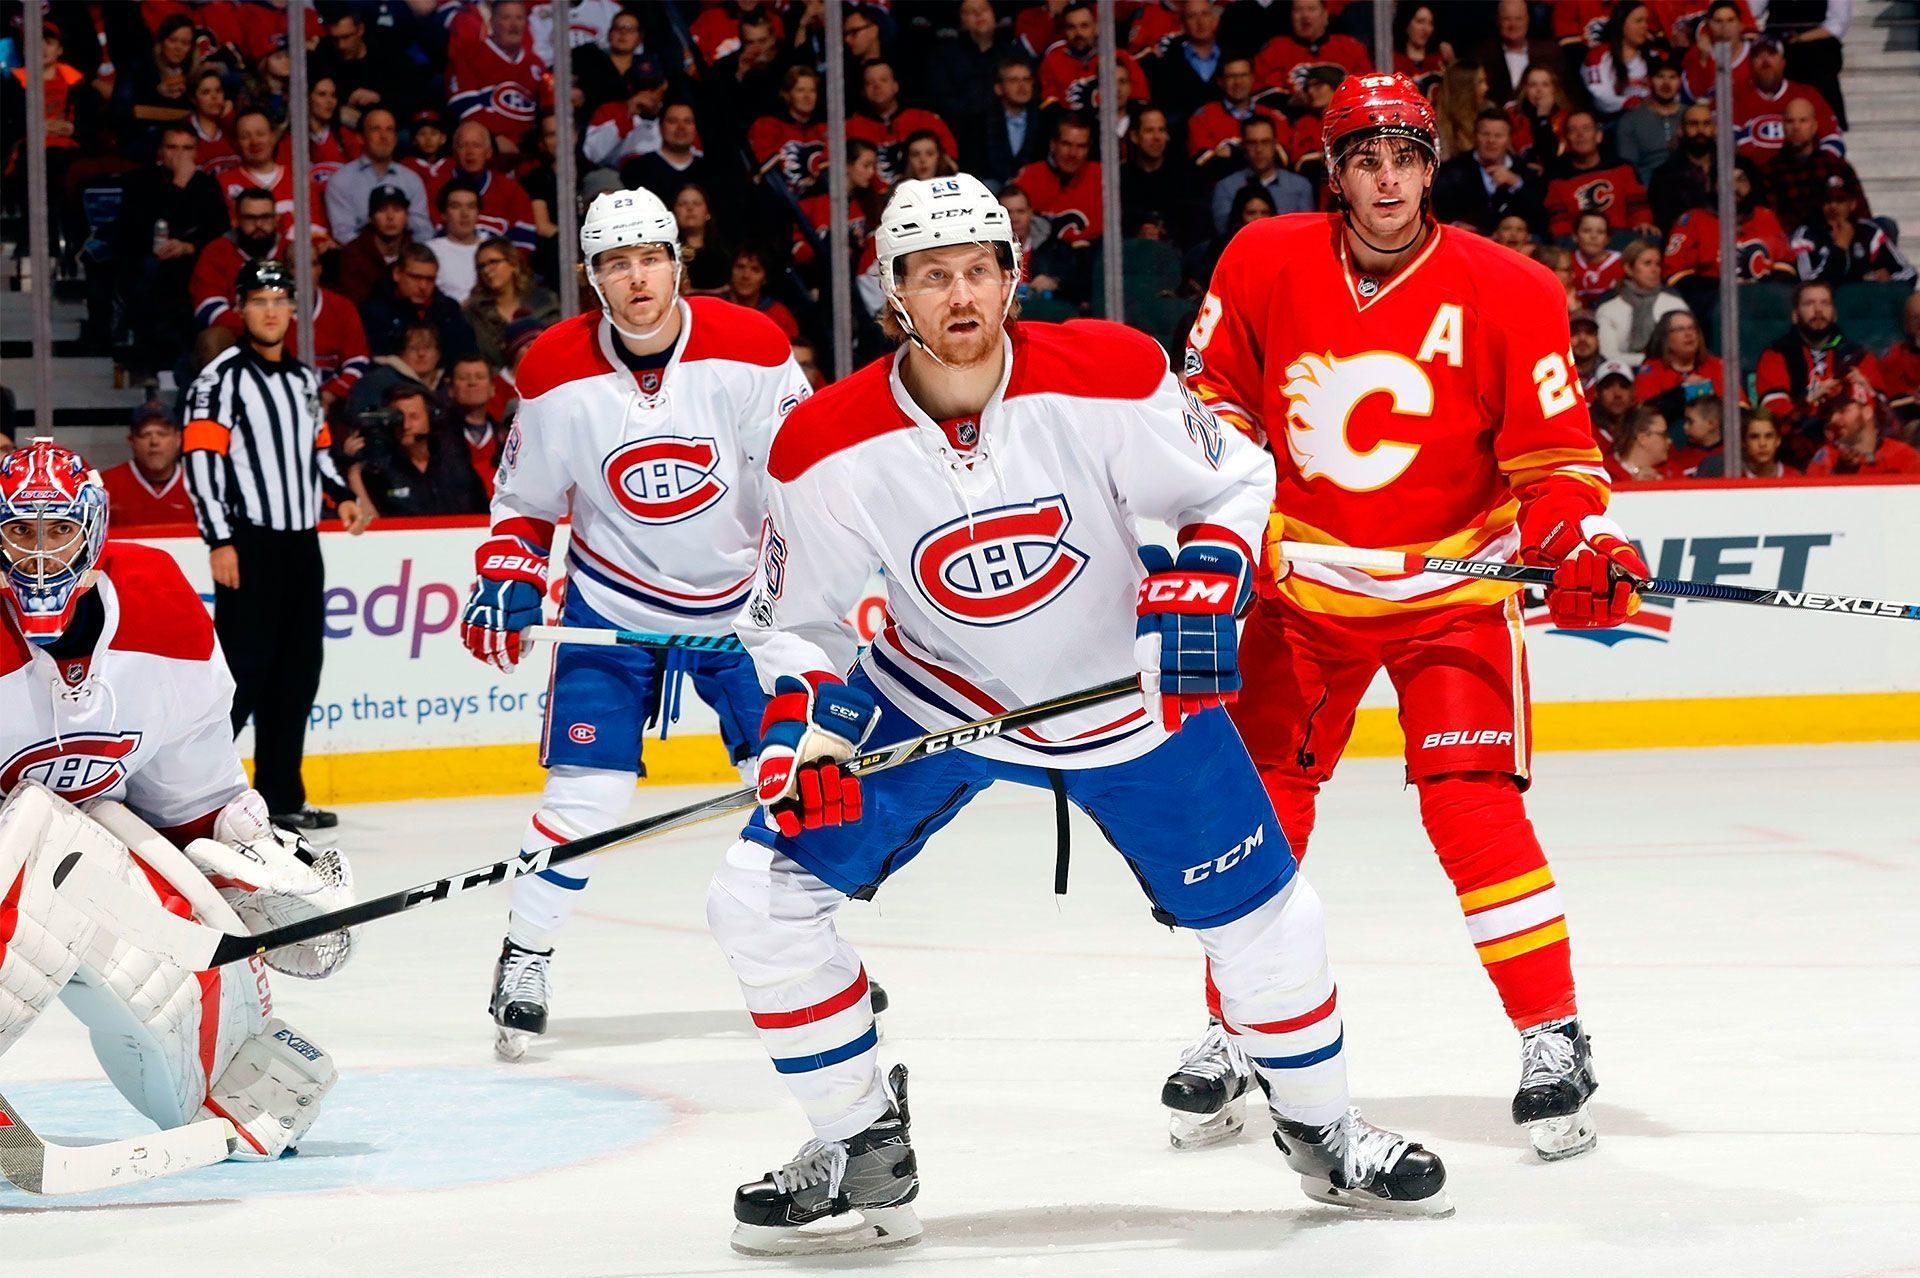 Криптобиржа становится спонсором старейшего клуба НХЛ